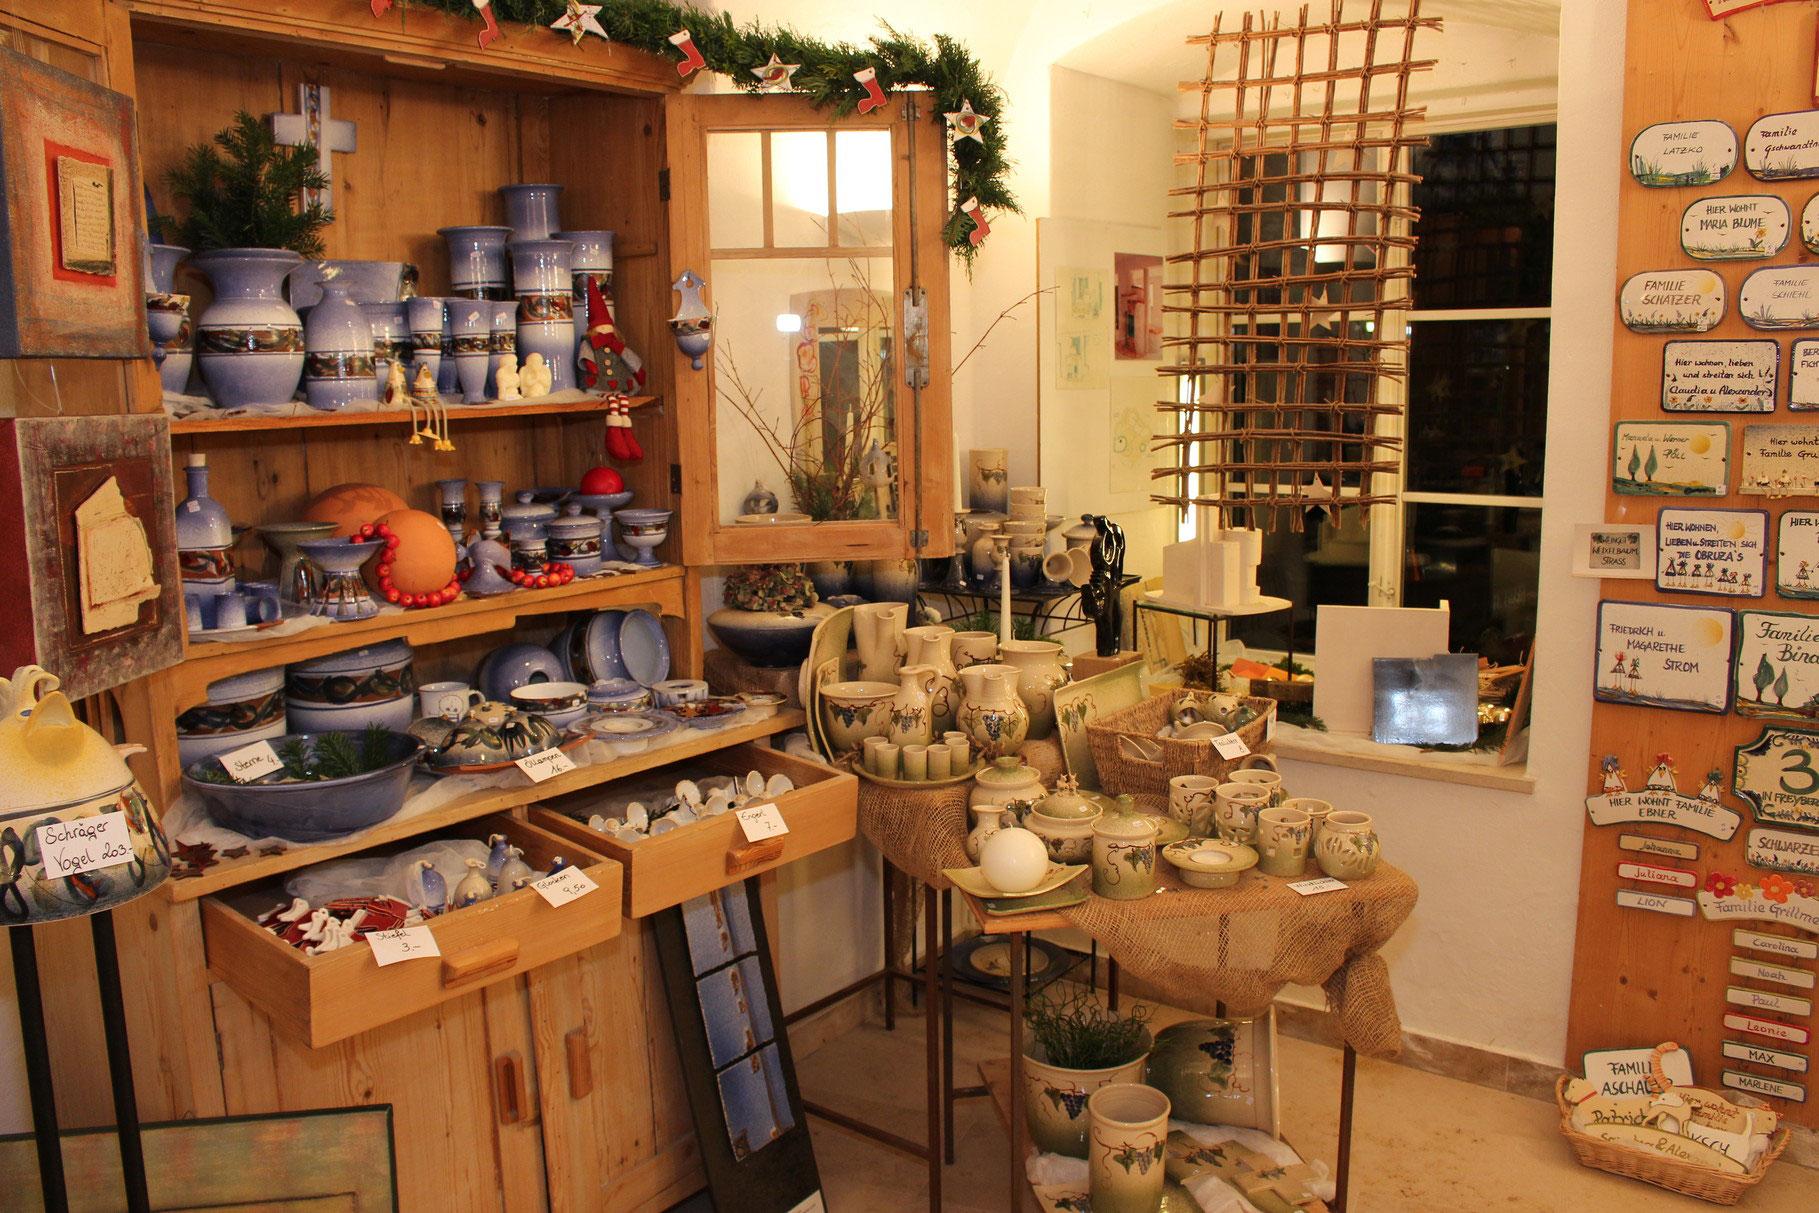 keramik shop kail und krisch keramik und kachel fen. Black Bedroom Furniture Sets. Home Design Ideas